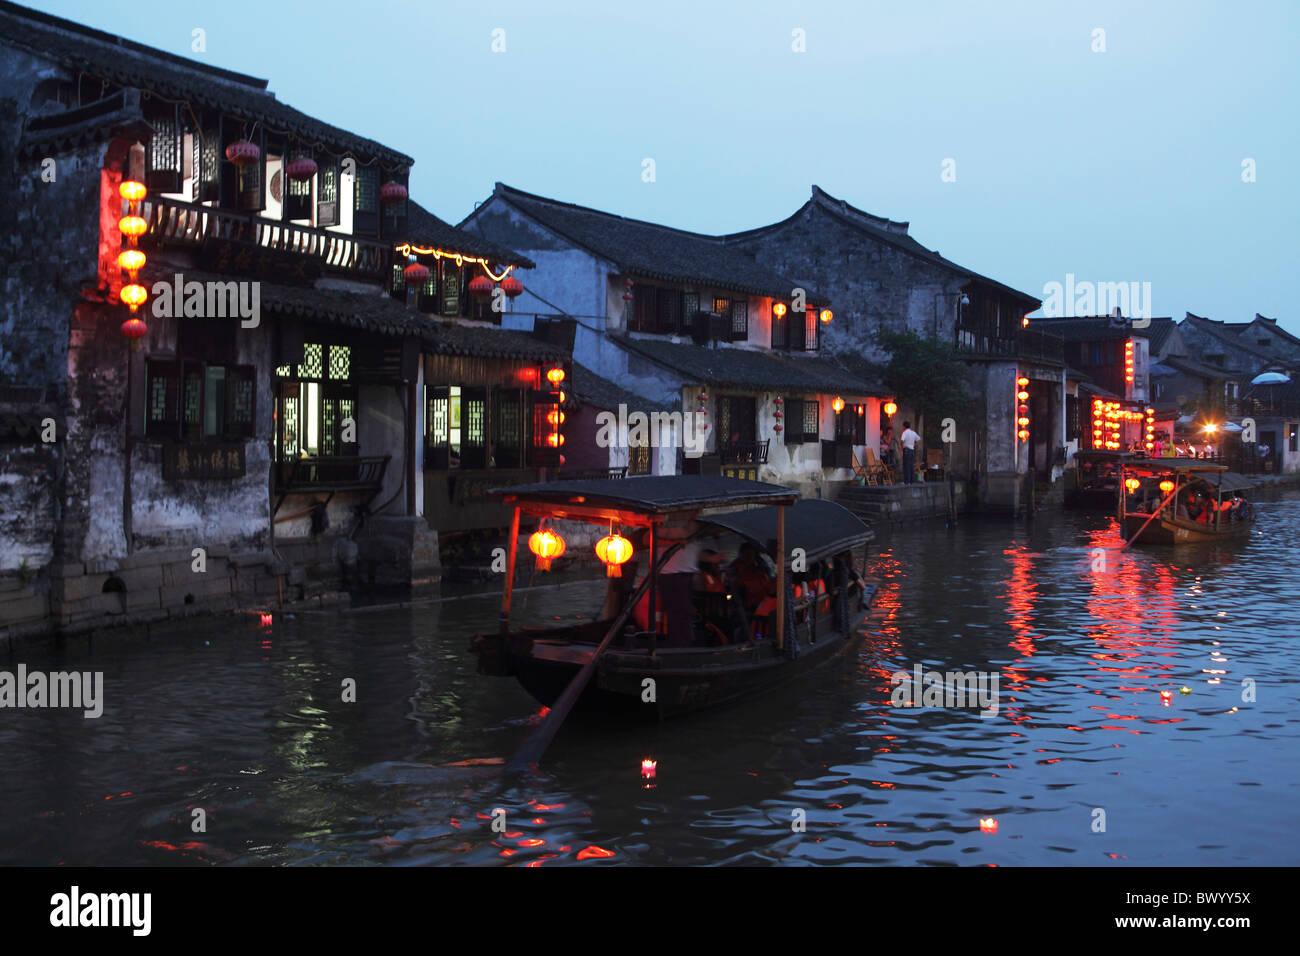 Traditionelle zweigeschossige Häuser entlang des Flusses in der Abenddämmerung, Xitang, Jiaxing, Zhejiang Stockbild